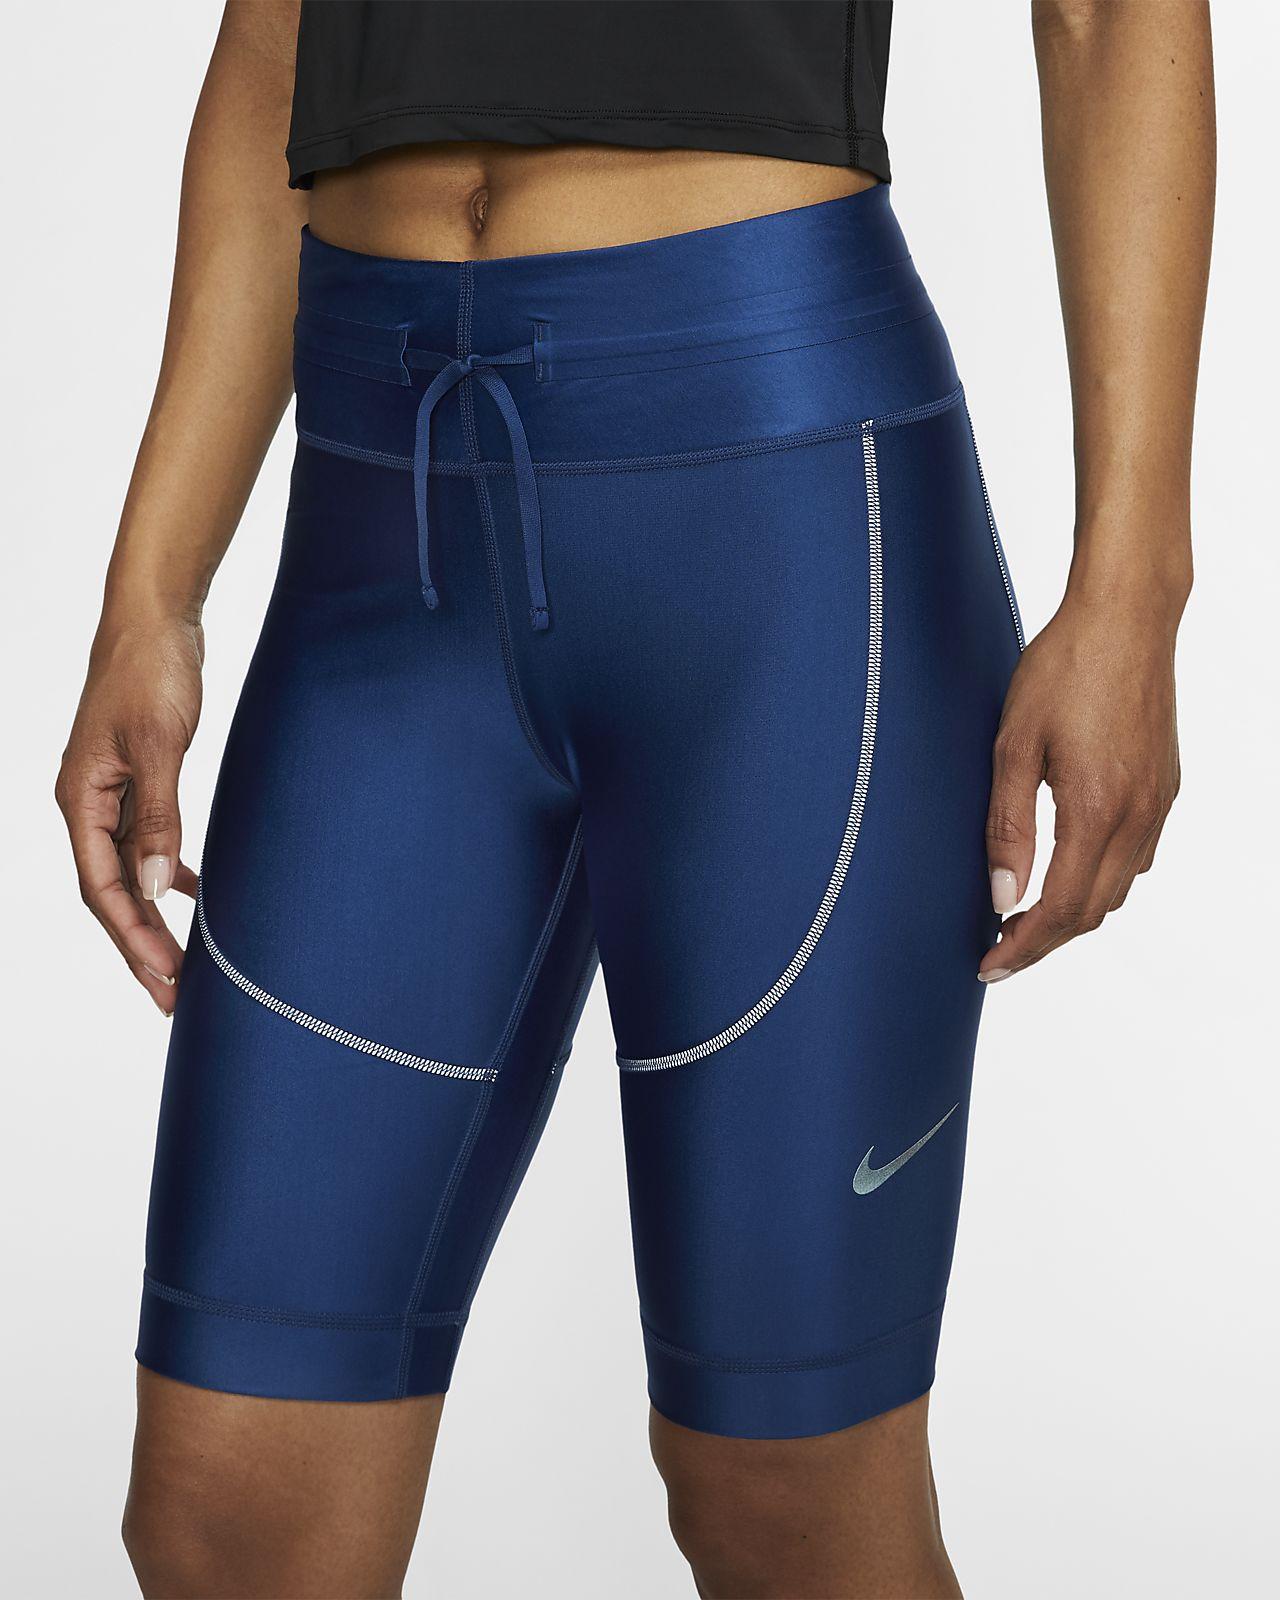 Löpartights Nike för kvinnor